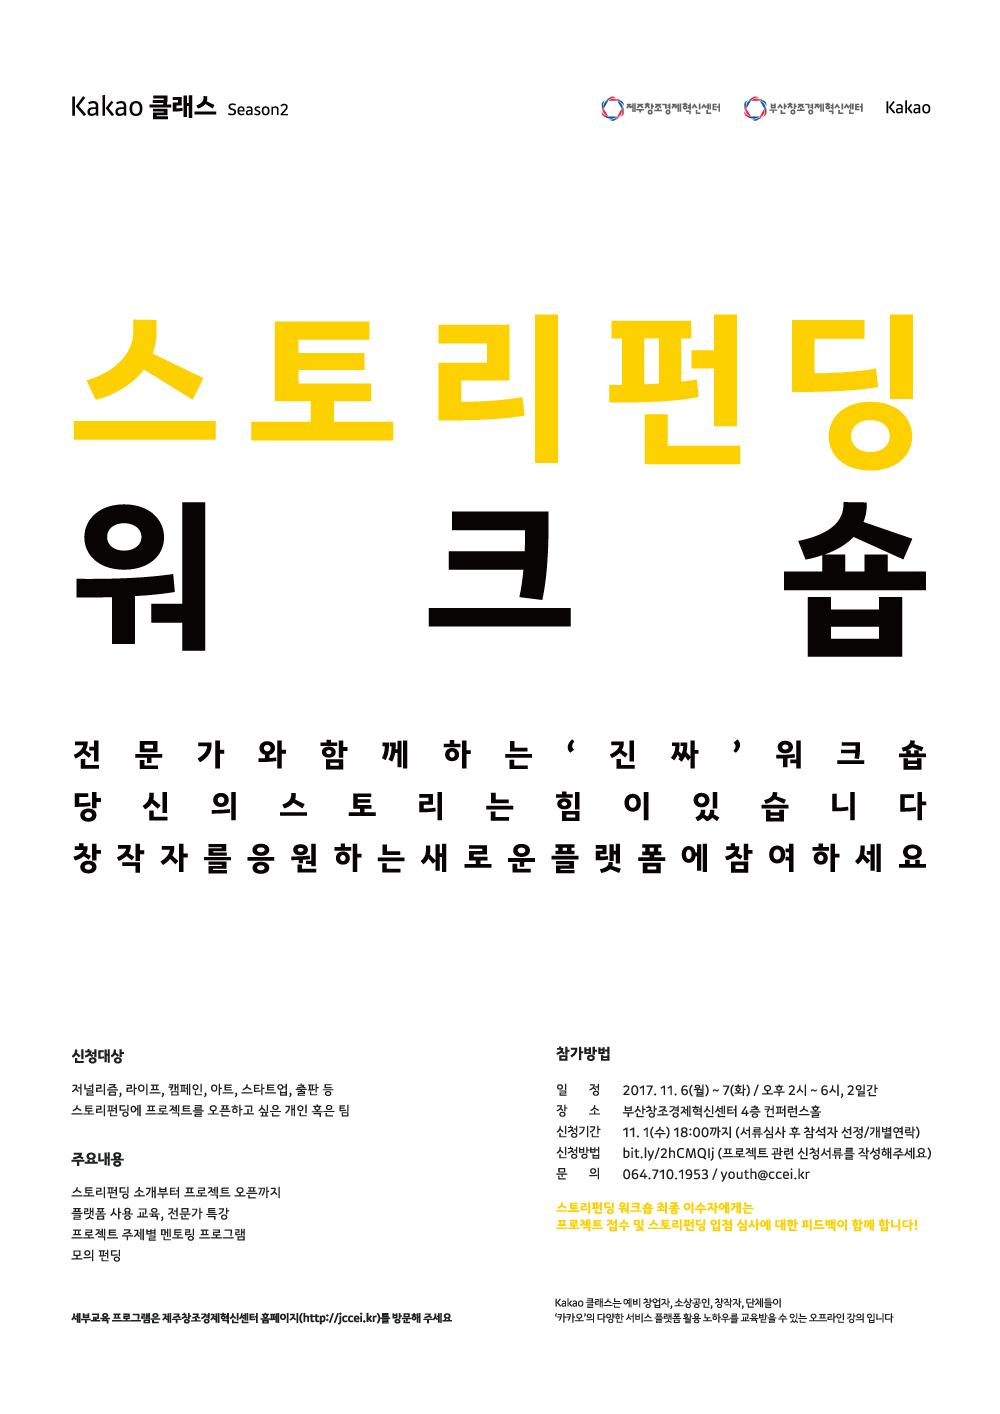 카카오클래스_포스터_최종_홈페이지 게시용.jpg